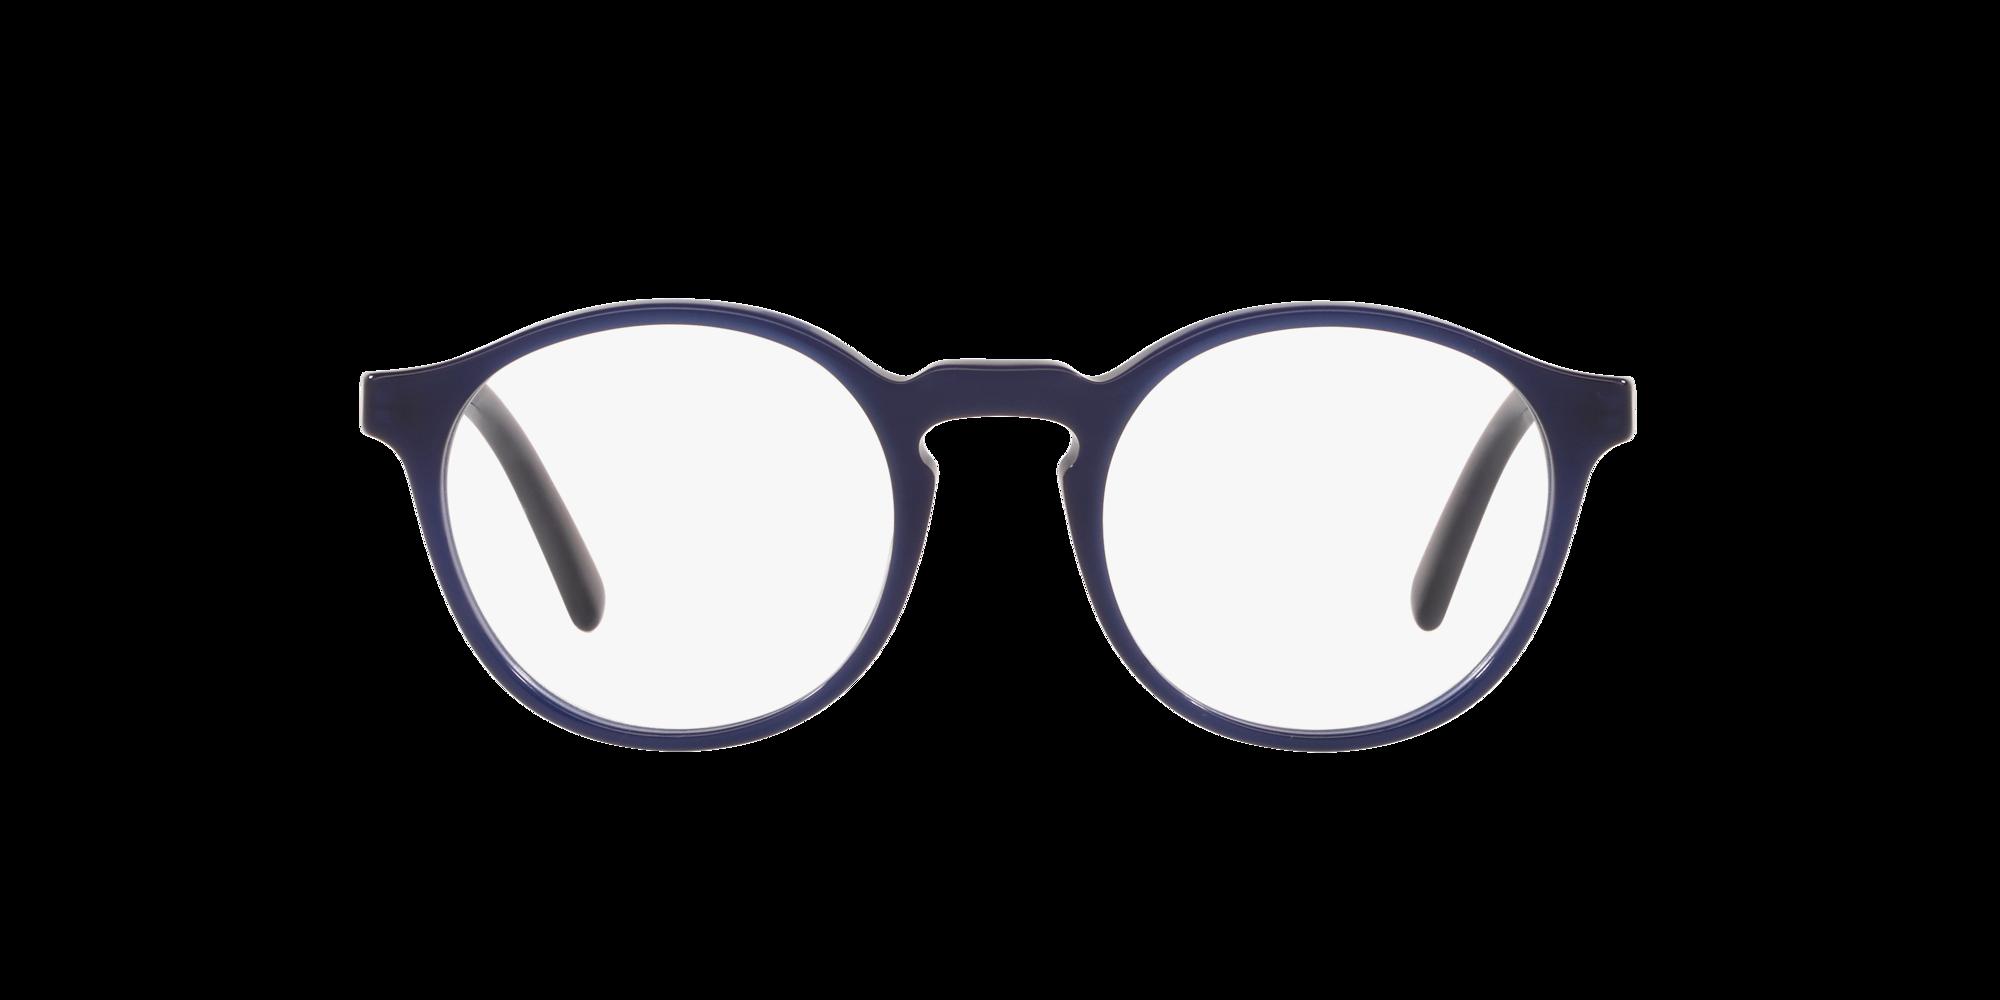 Imagen para EC2003 de LensCrafters |  Espejuelos, espejuelos graduados en línea, gafas